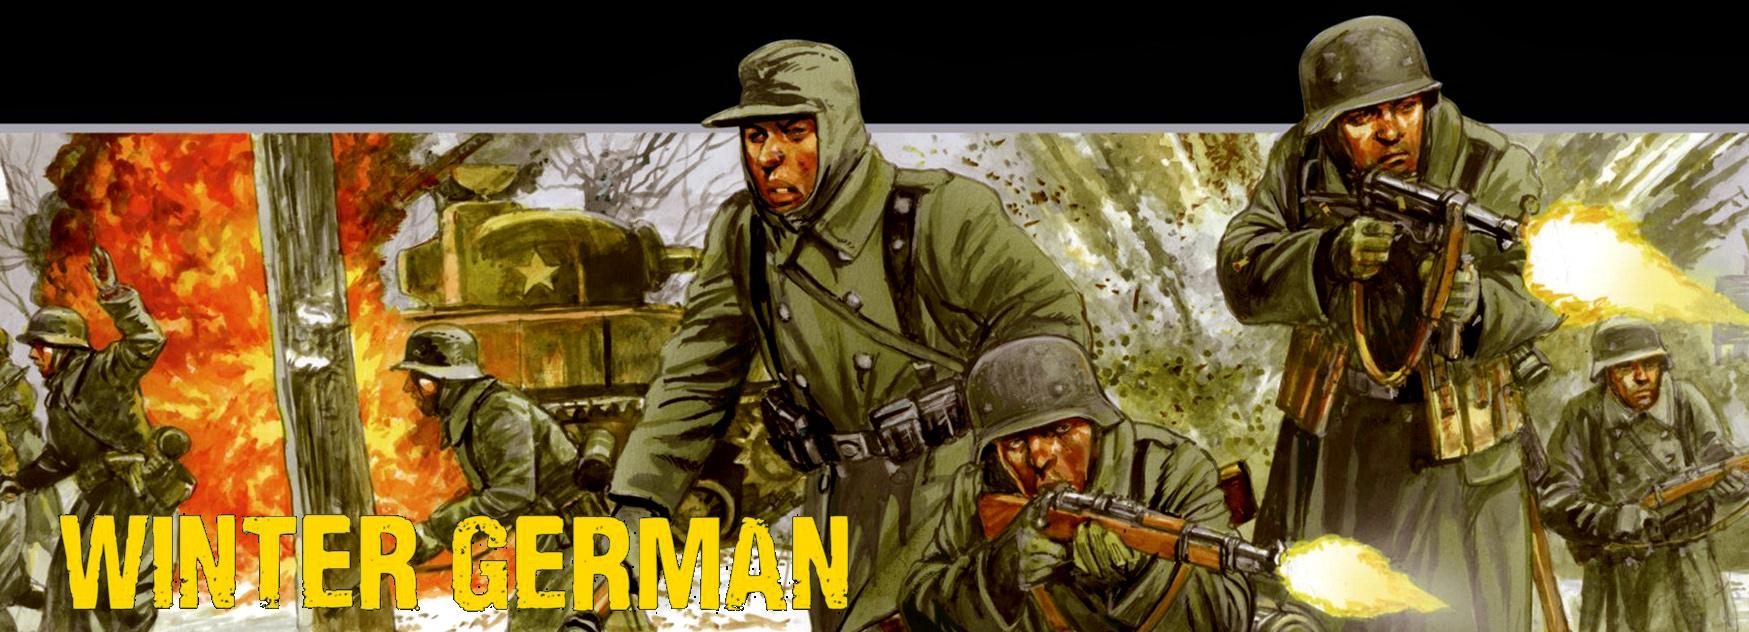 winter-german.jpg